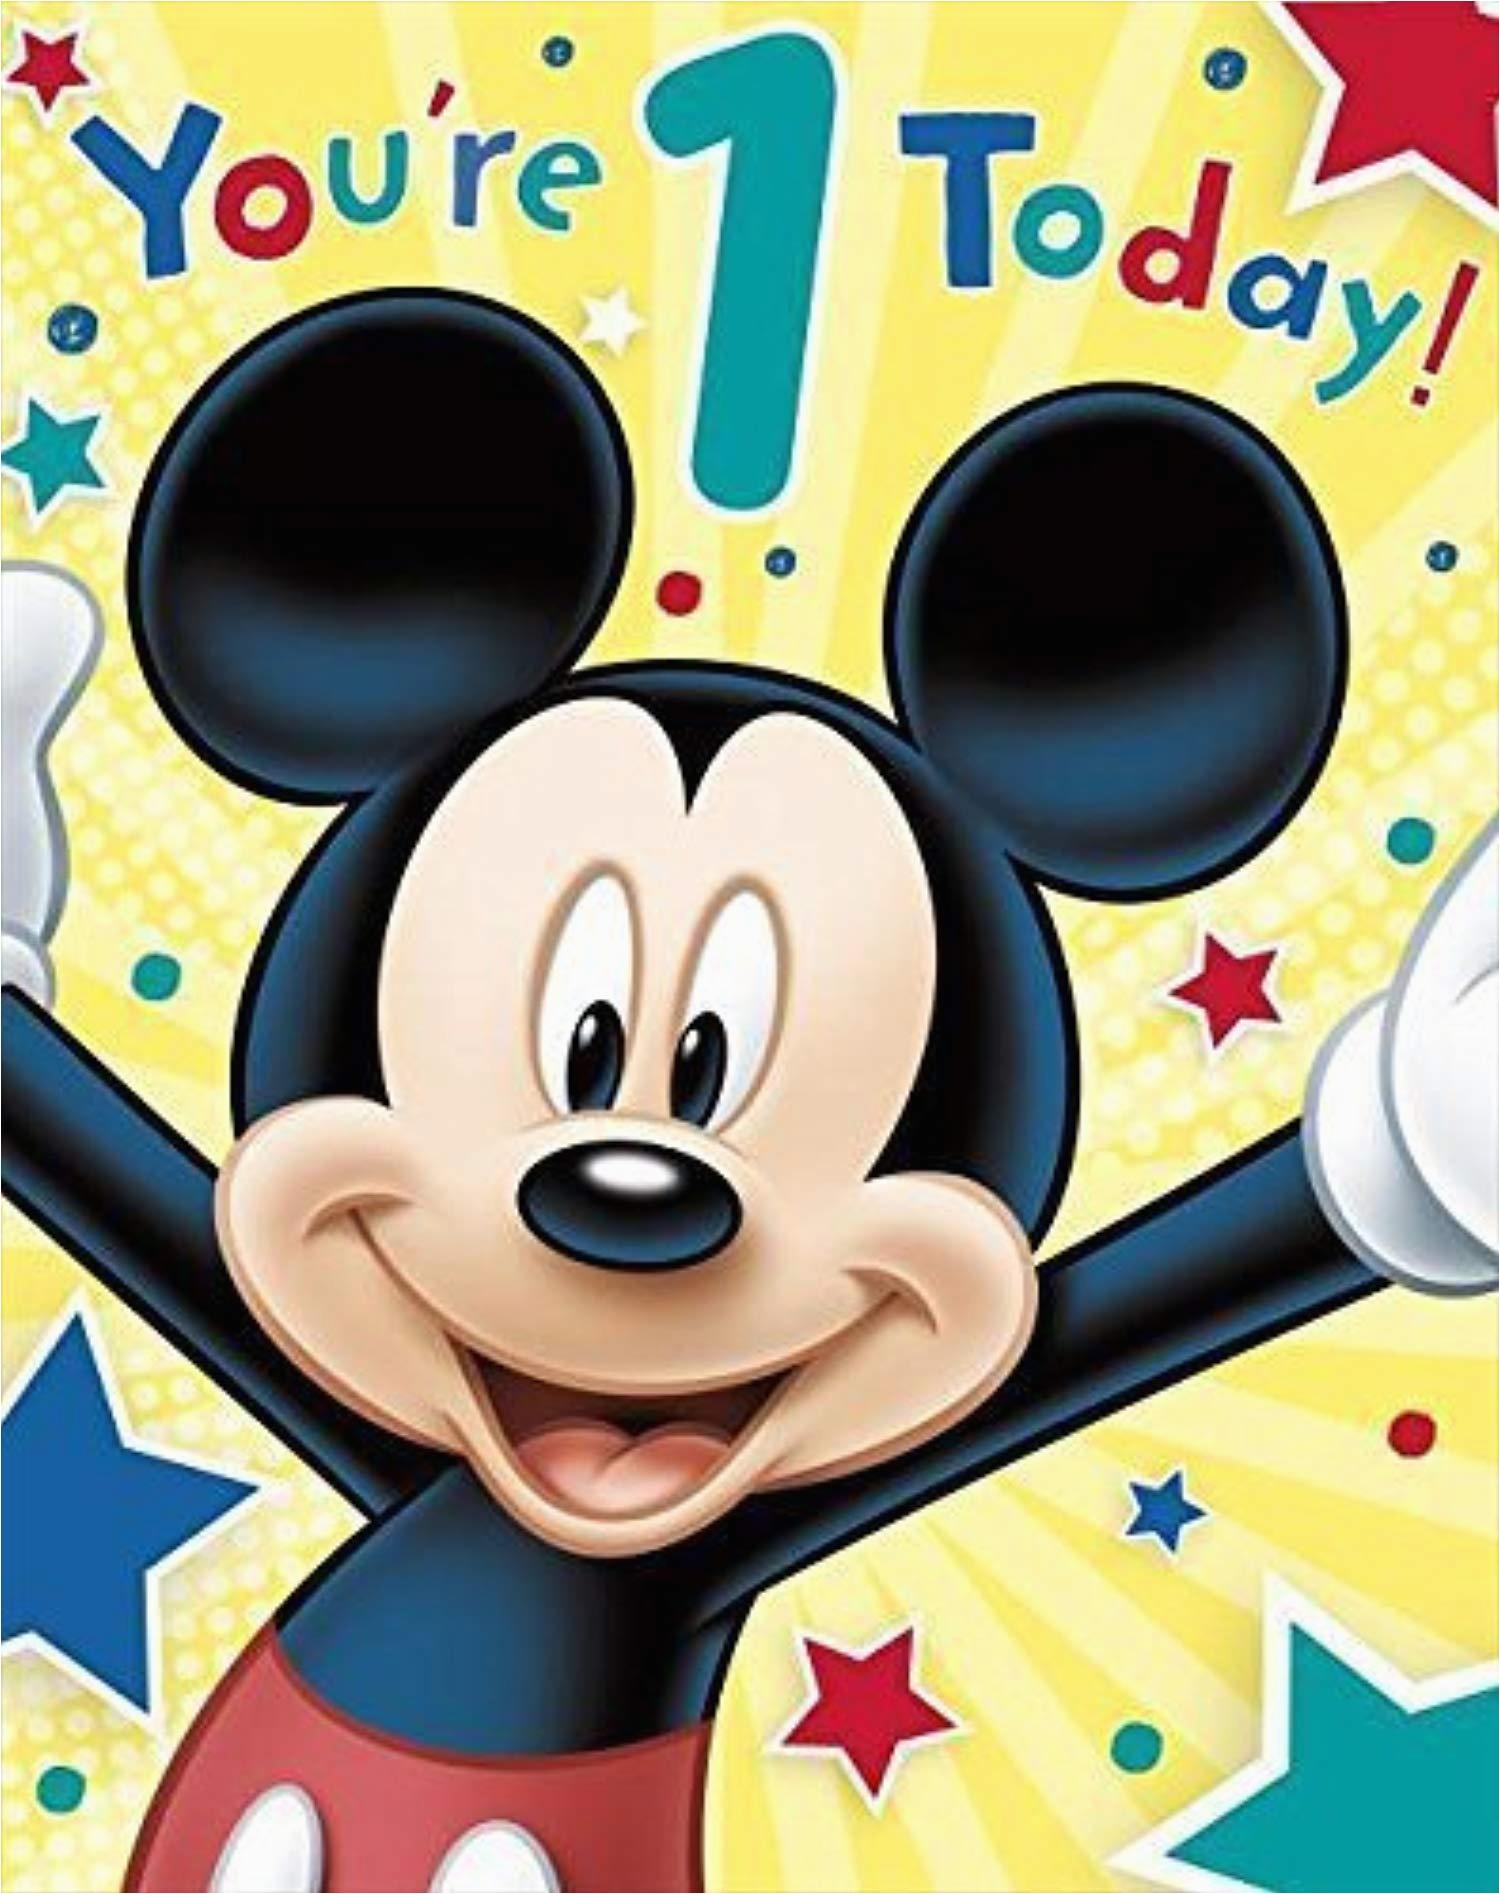 carlton disney s mickey mouse 1st birthday card 11 by shop inc c6c6f42438789f1f